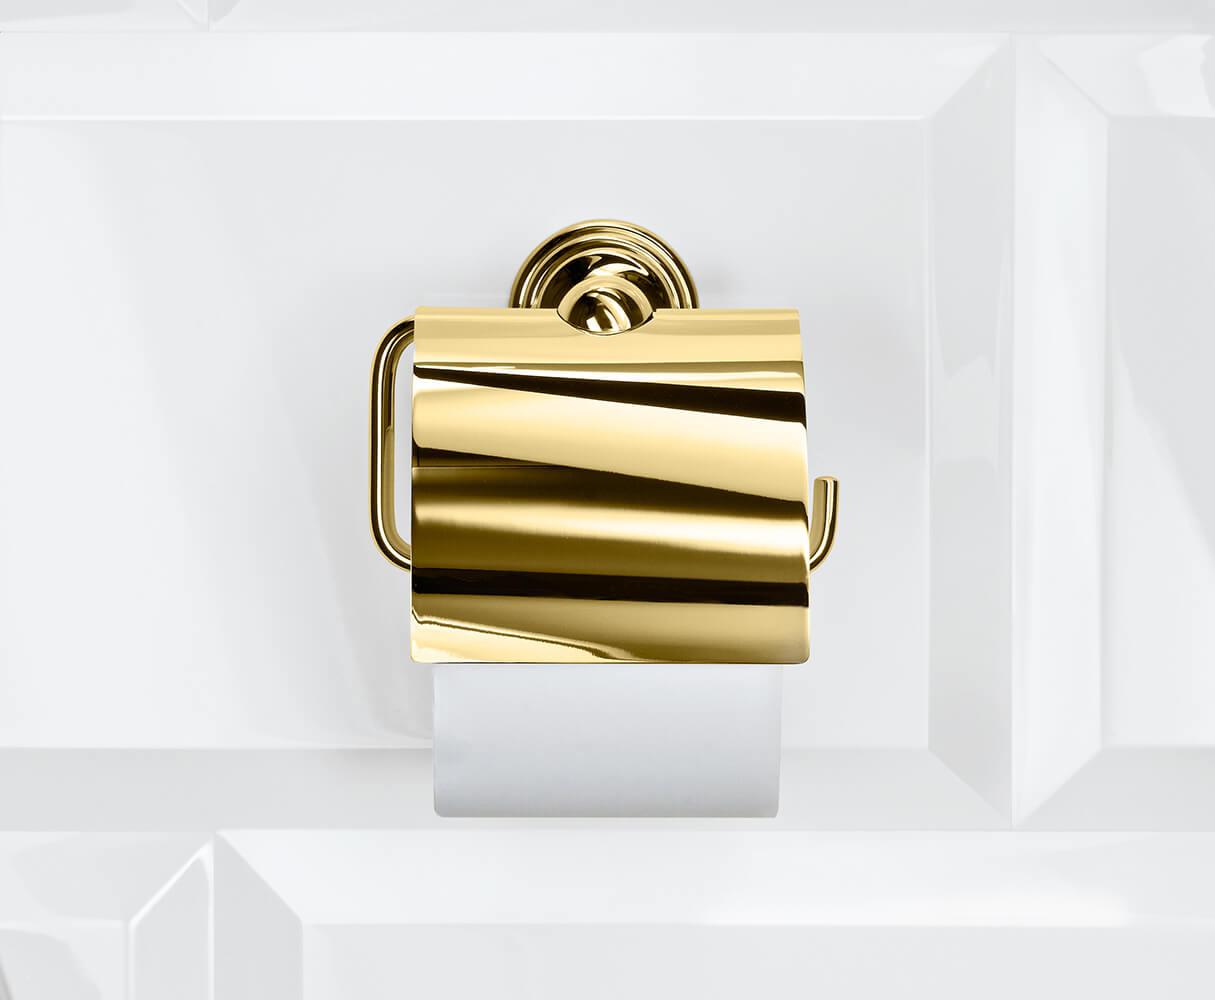 Cltph4 gold